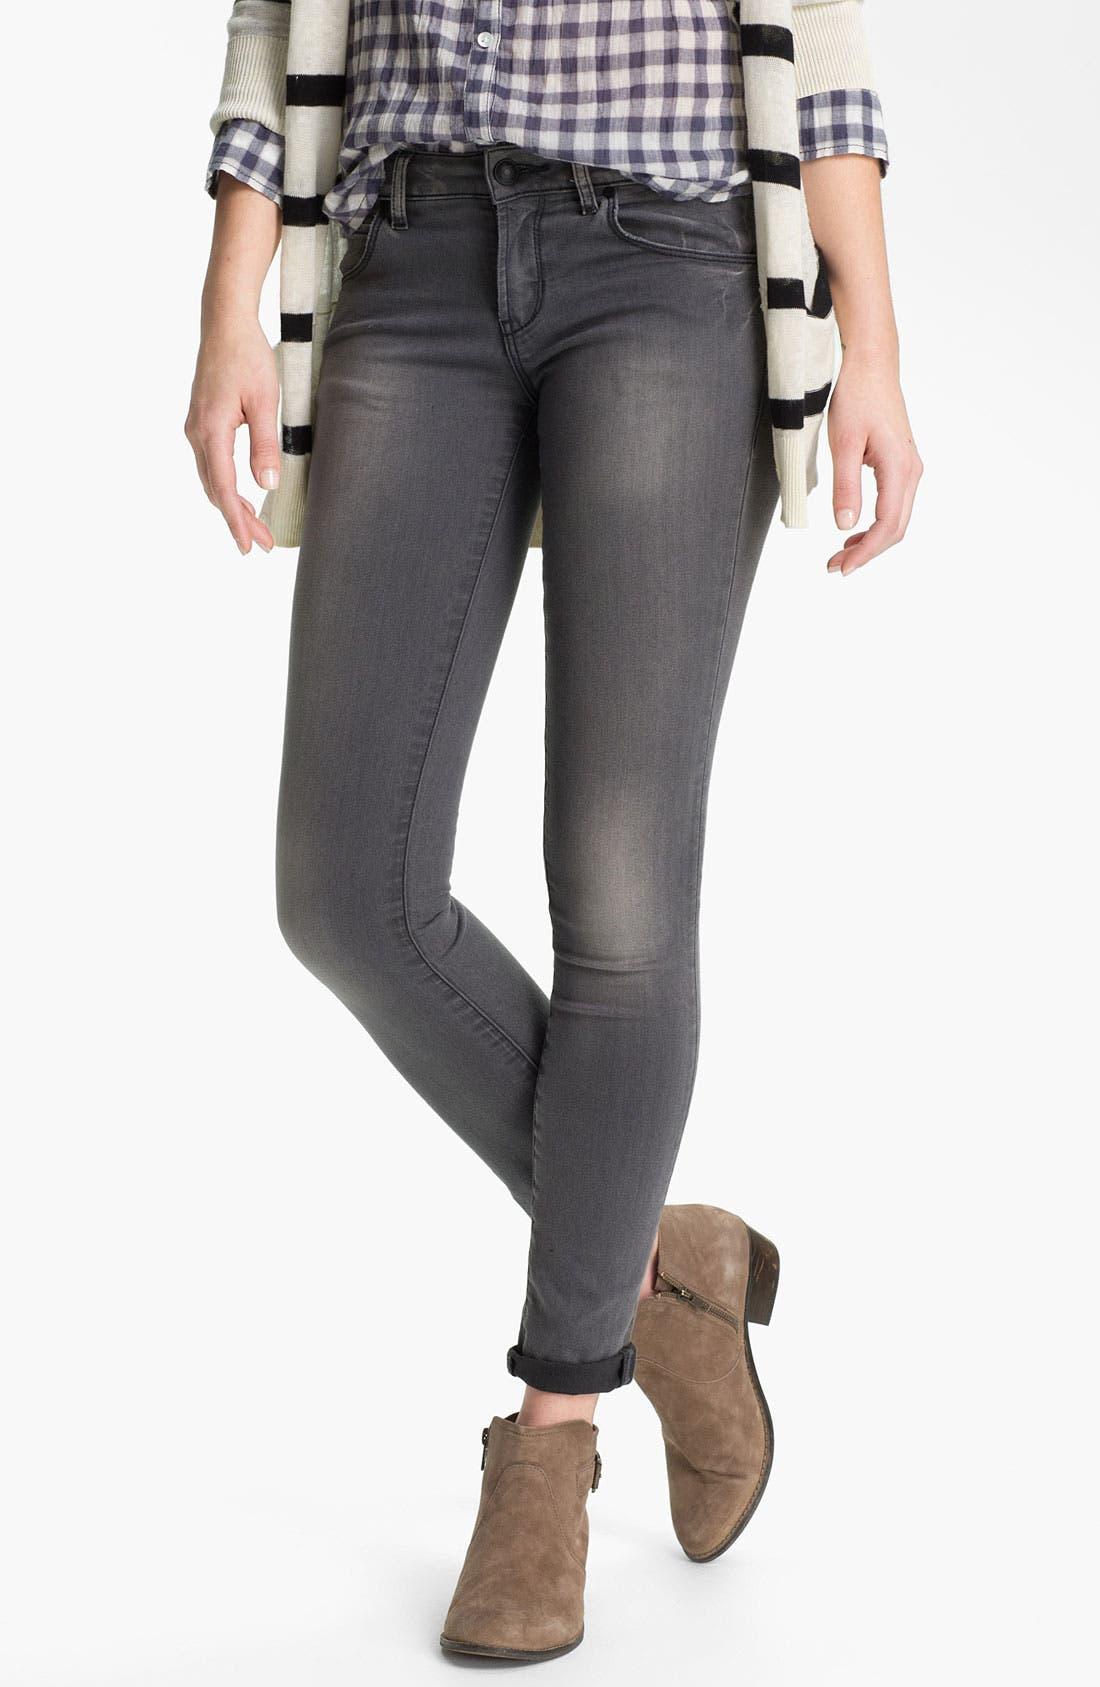 Main Image - Articles of Society 'Mya' Skinny Jeans (Greyson) (Juniors)